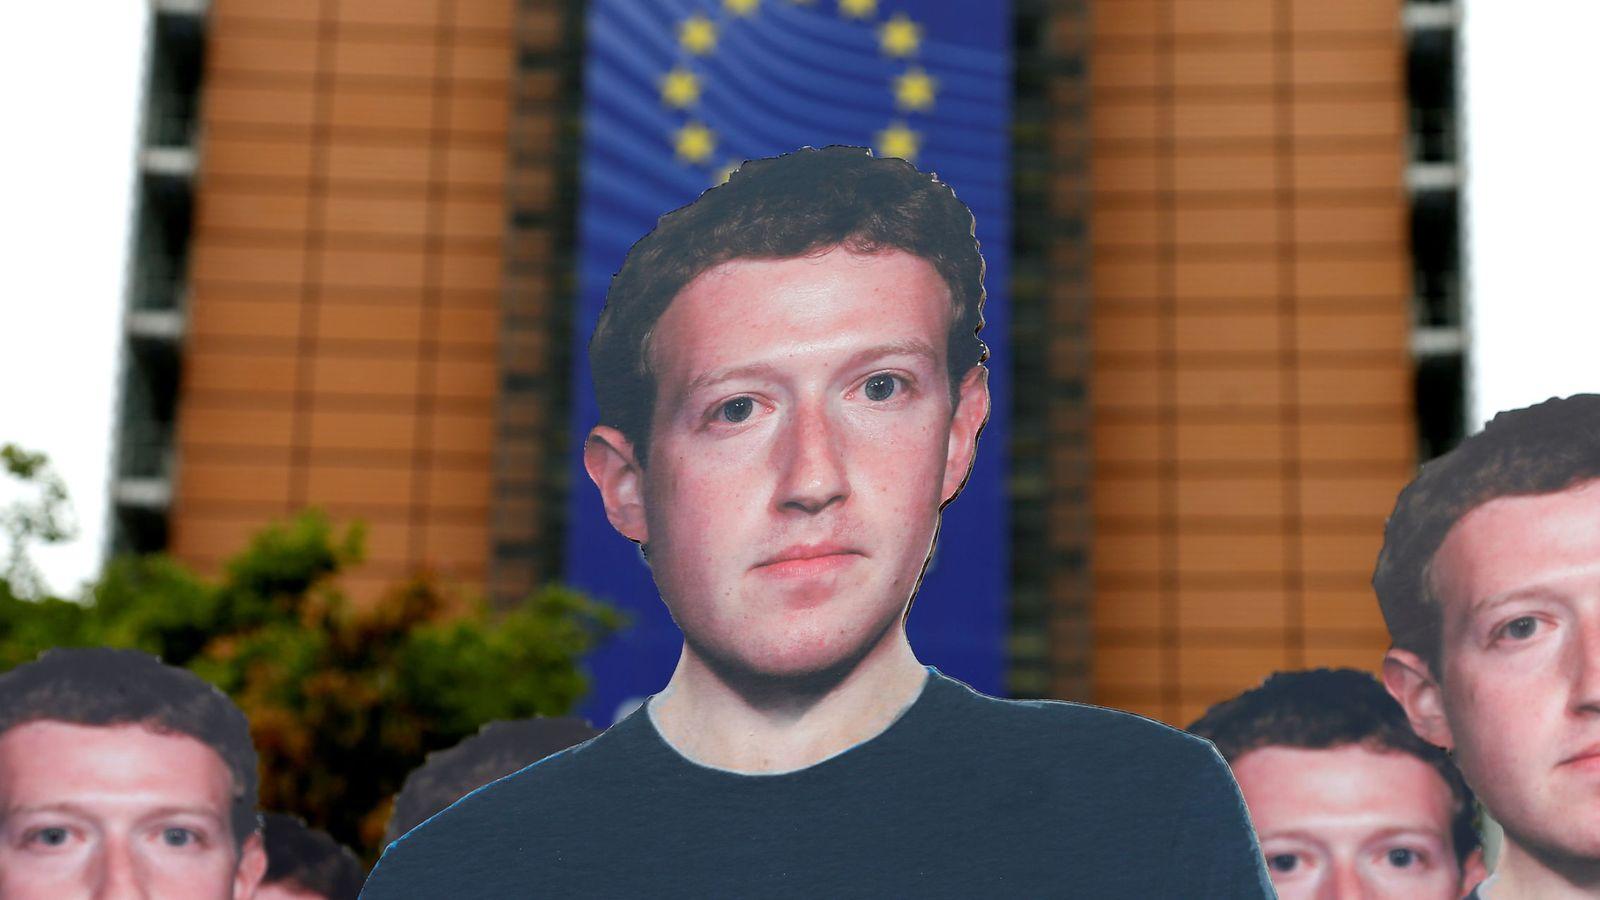 Foto: Caretas de Zuckerberg en una manifestación en Bruselas (Reuters)